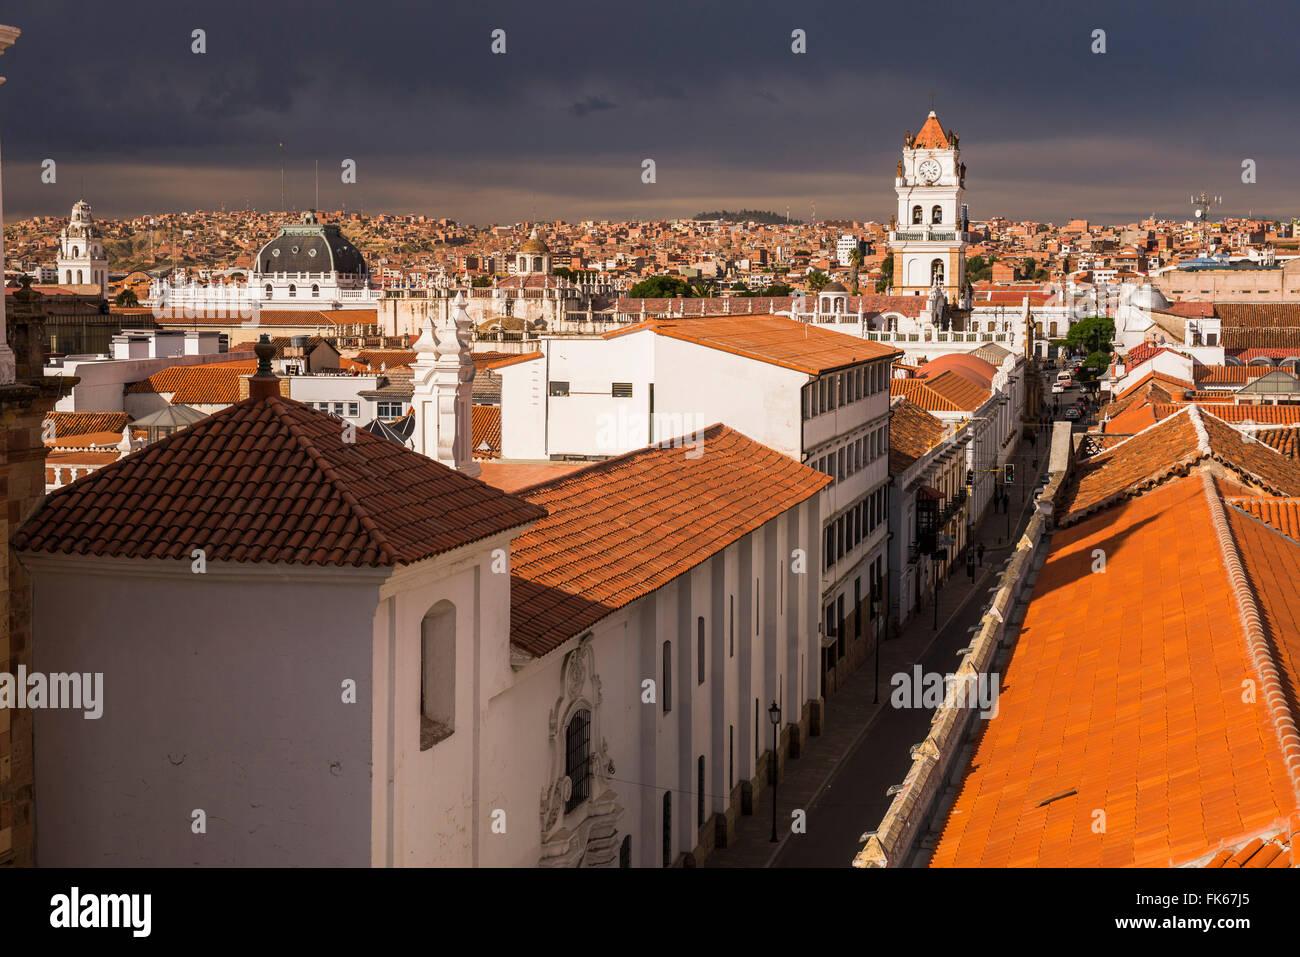 Ville historique de Sucre vu de Iglesia Nuestra Señora de La Merced (église Notre Dame de Pitié), Photo Stock